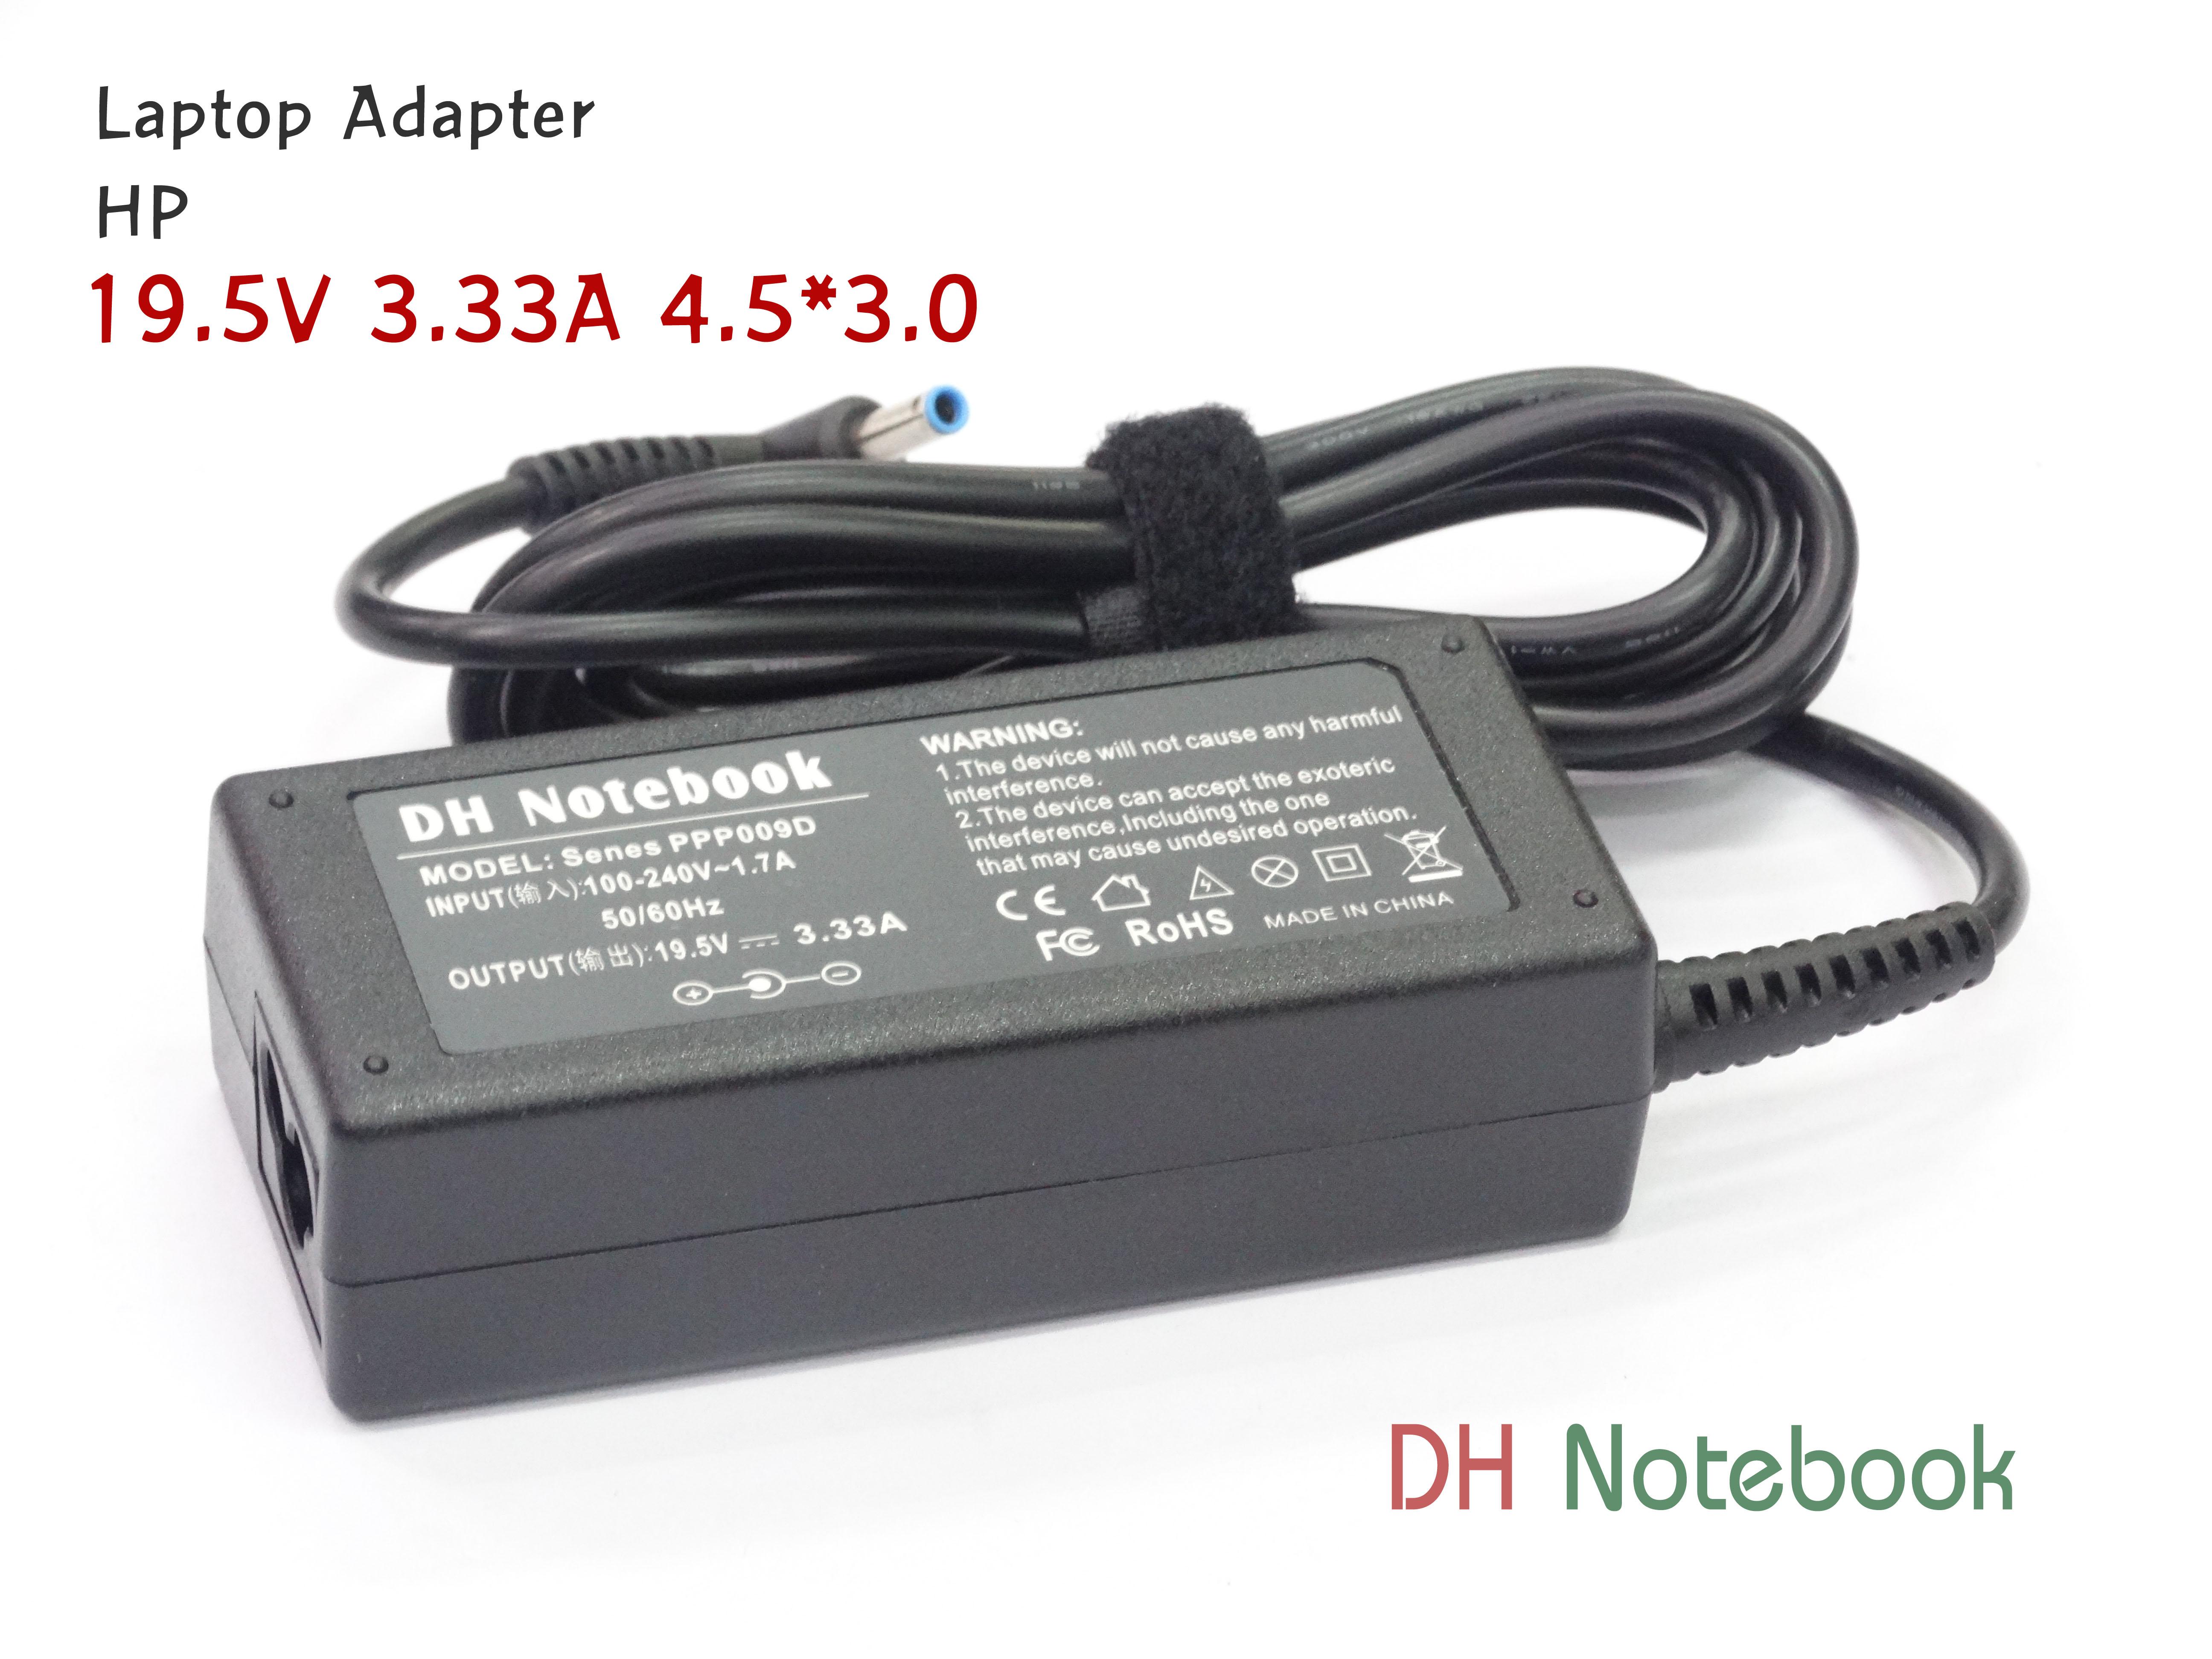 Adapter HP 19.5V 3.33A (4.5*3.0)